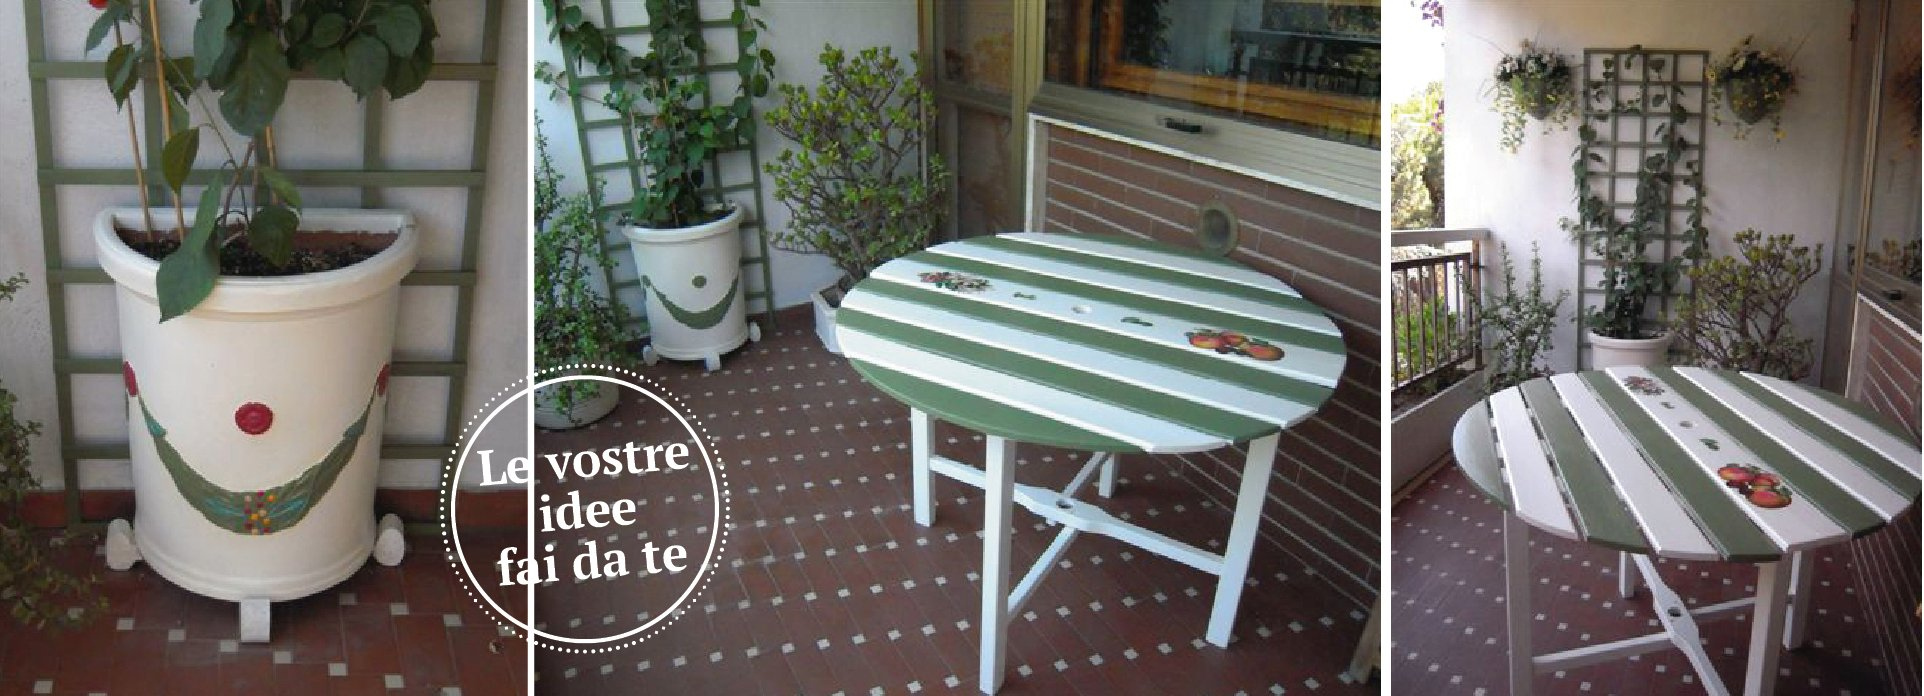 Tavolo e vaso da esterni coordinati cose di casa for Tavolo da terrazzo allungabile